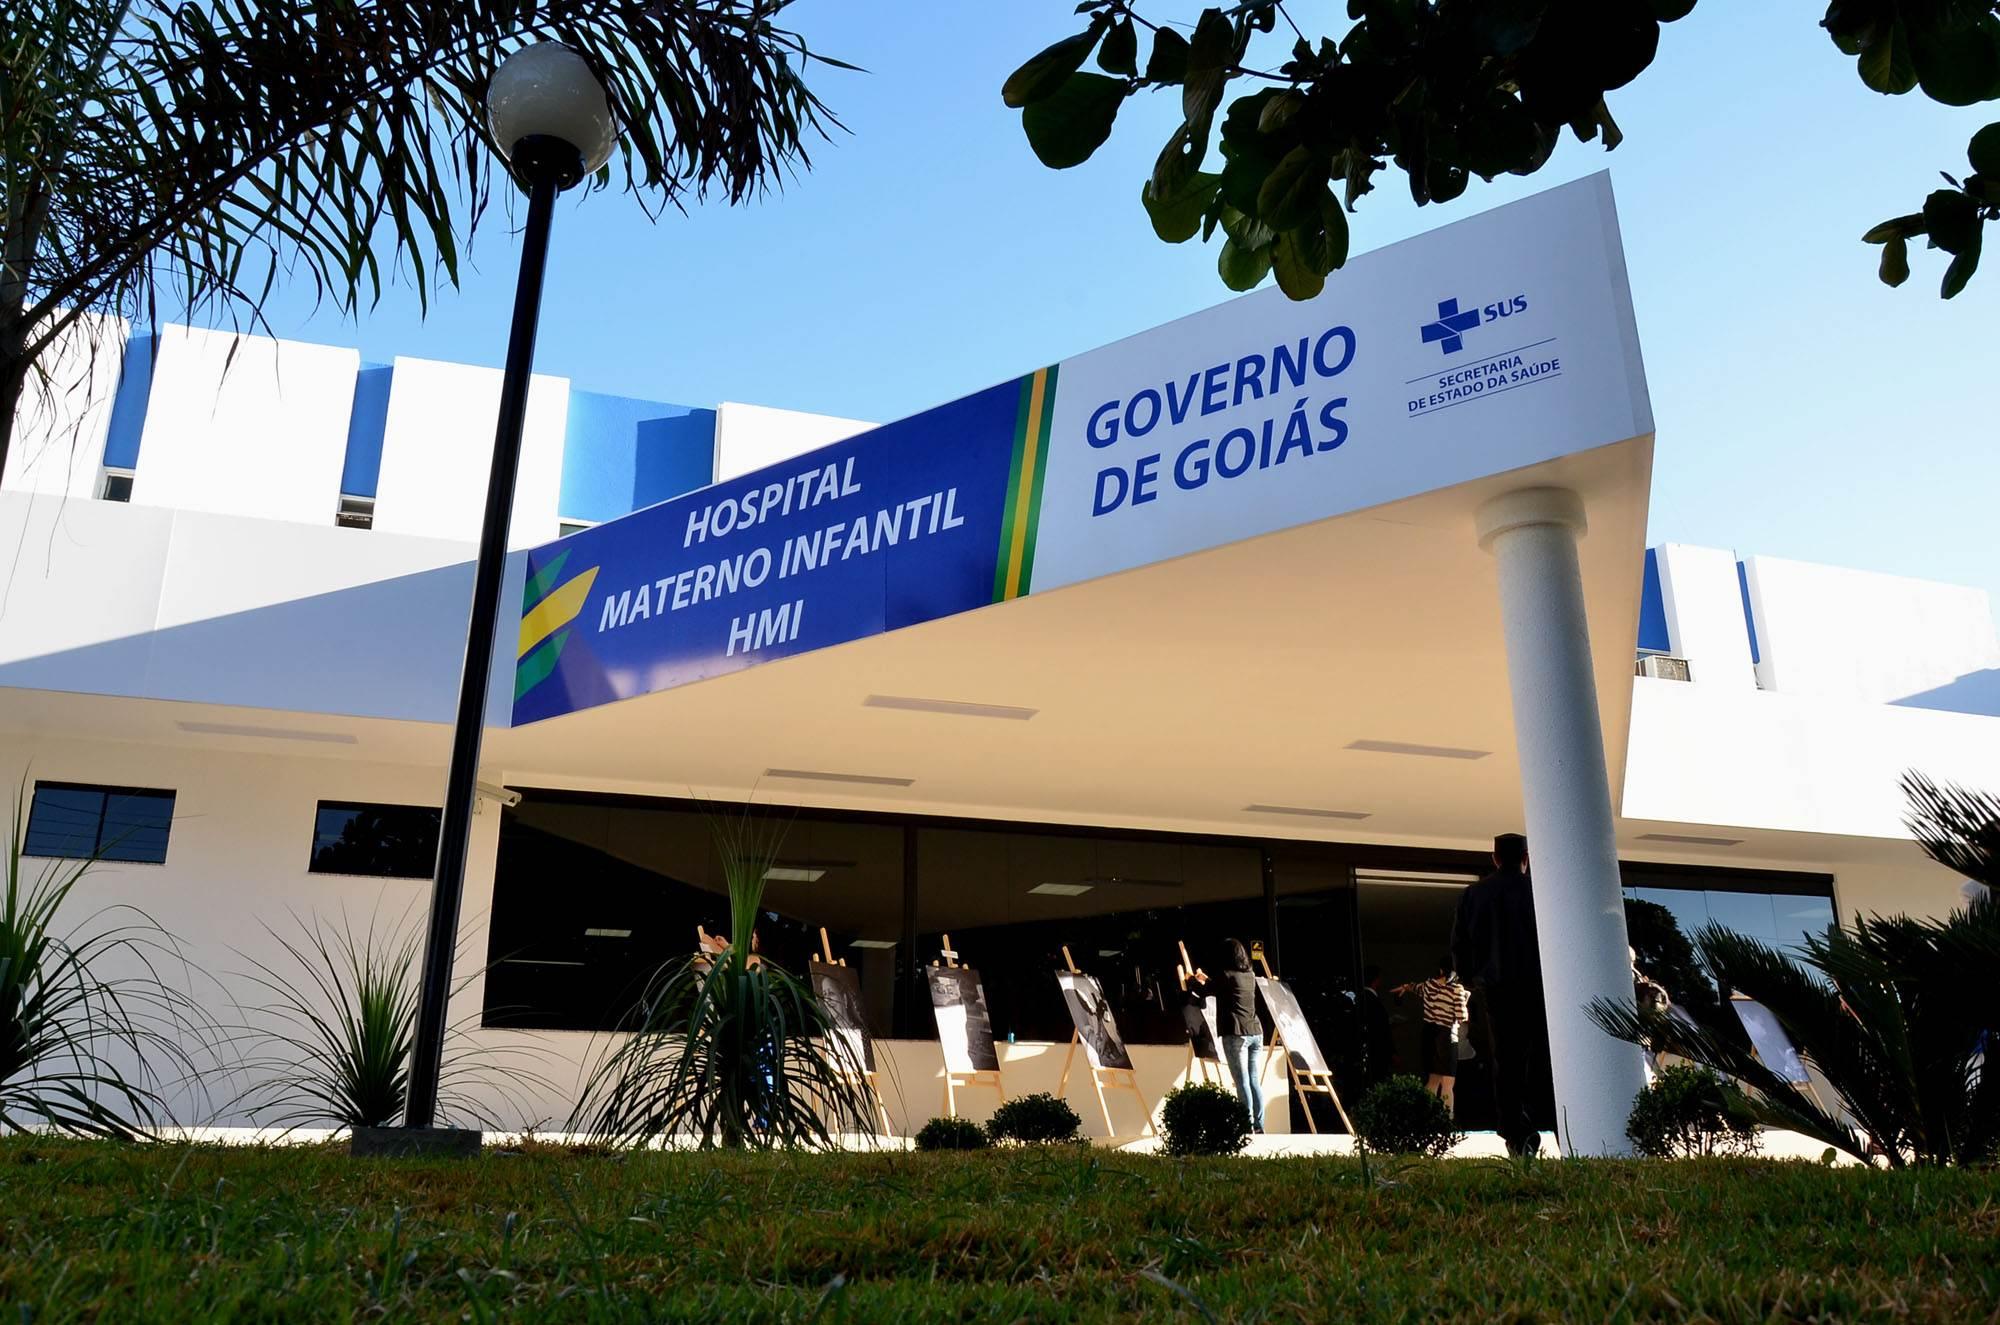 Criança com suspeita de H1N1 é internada no Hospital Materno Infantil (HMI), em Goiânia | Foto: Eduardo Ferreira